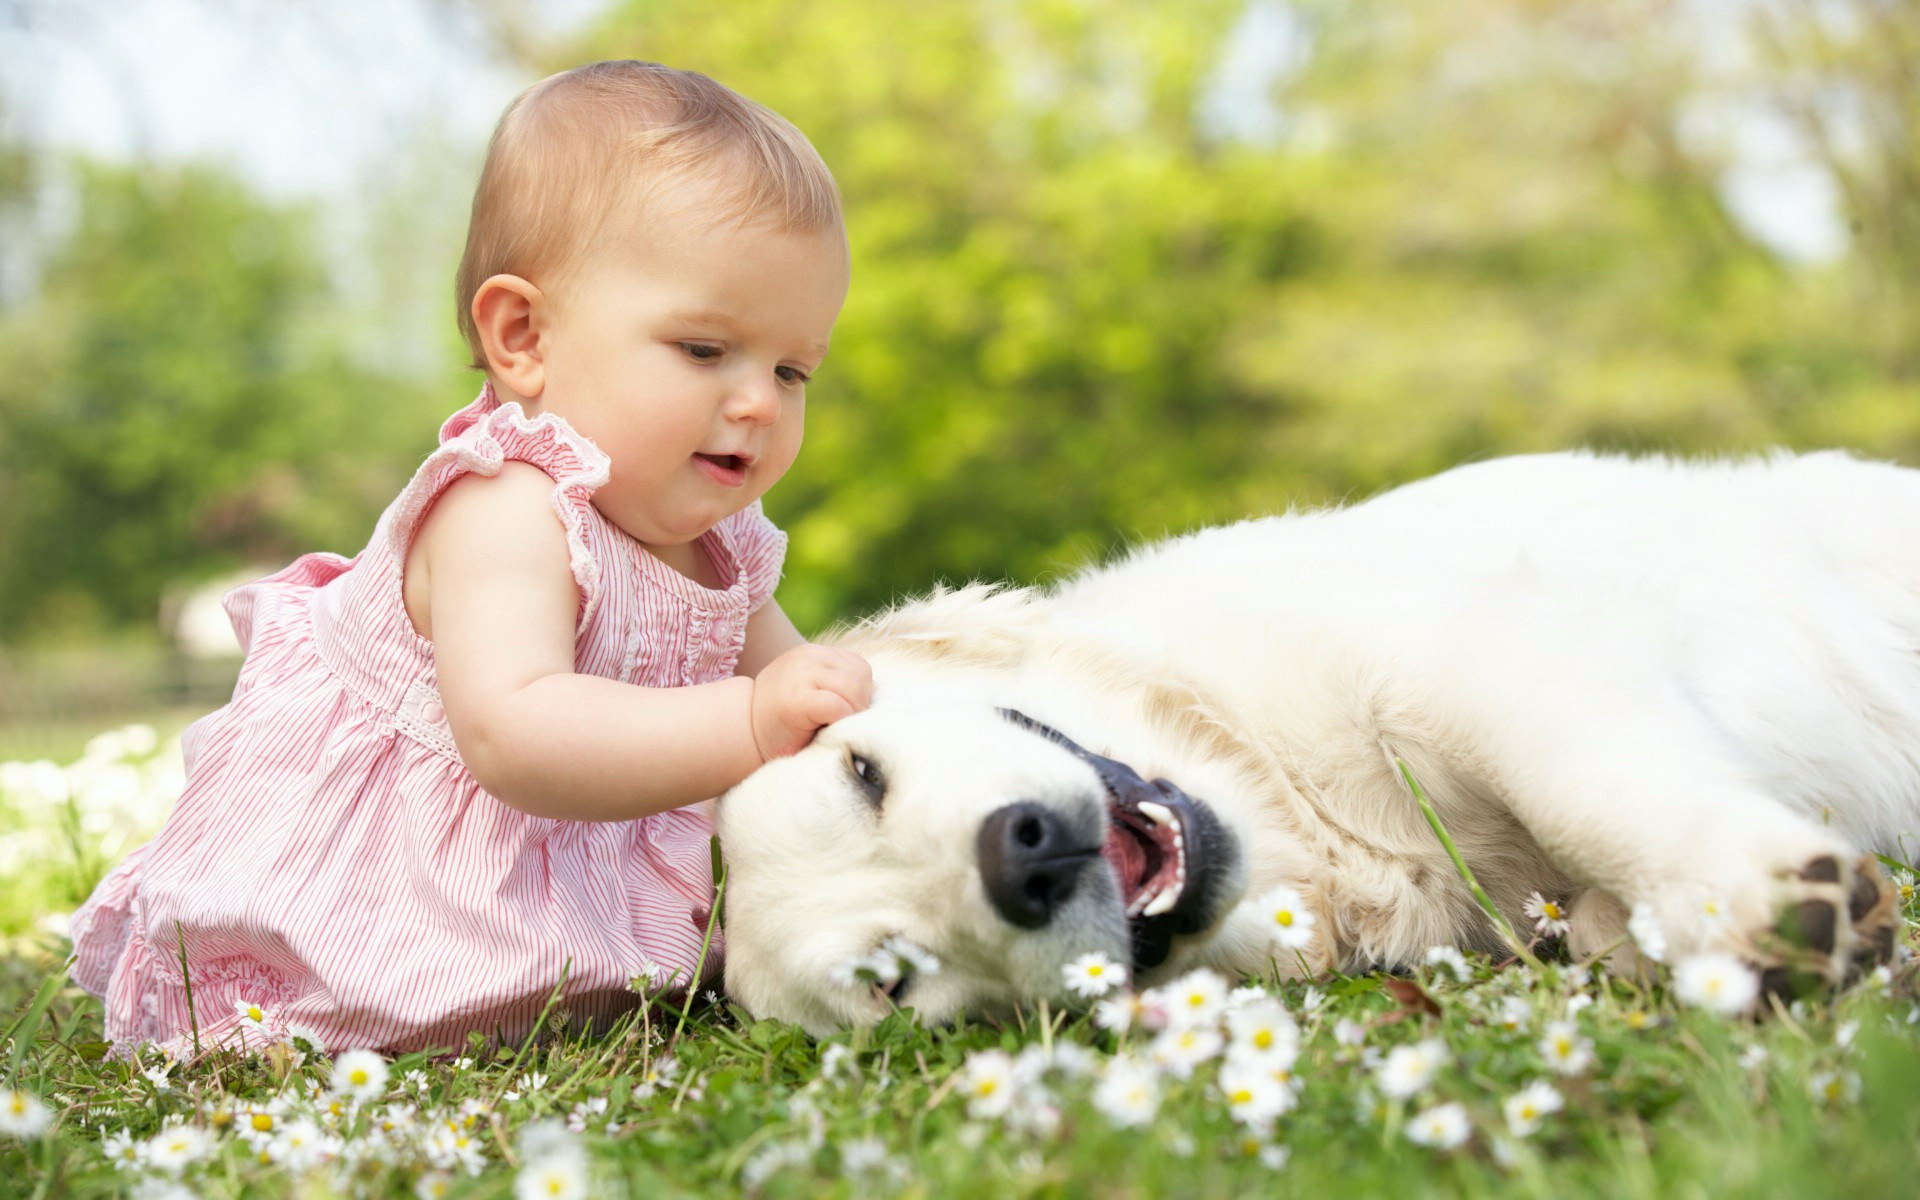 Hình ảnh em bé chơi đùa với chú cún dễ thương